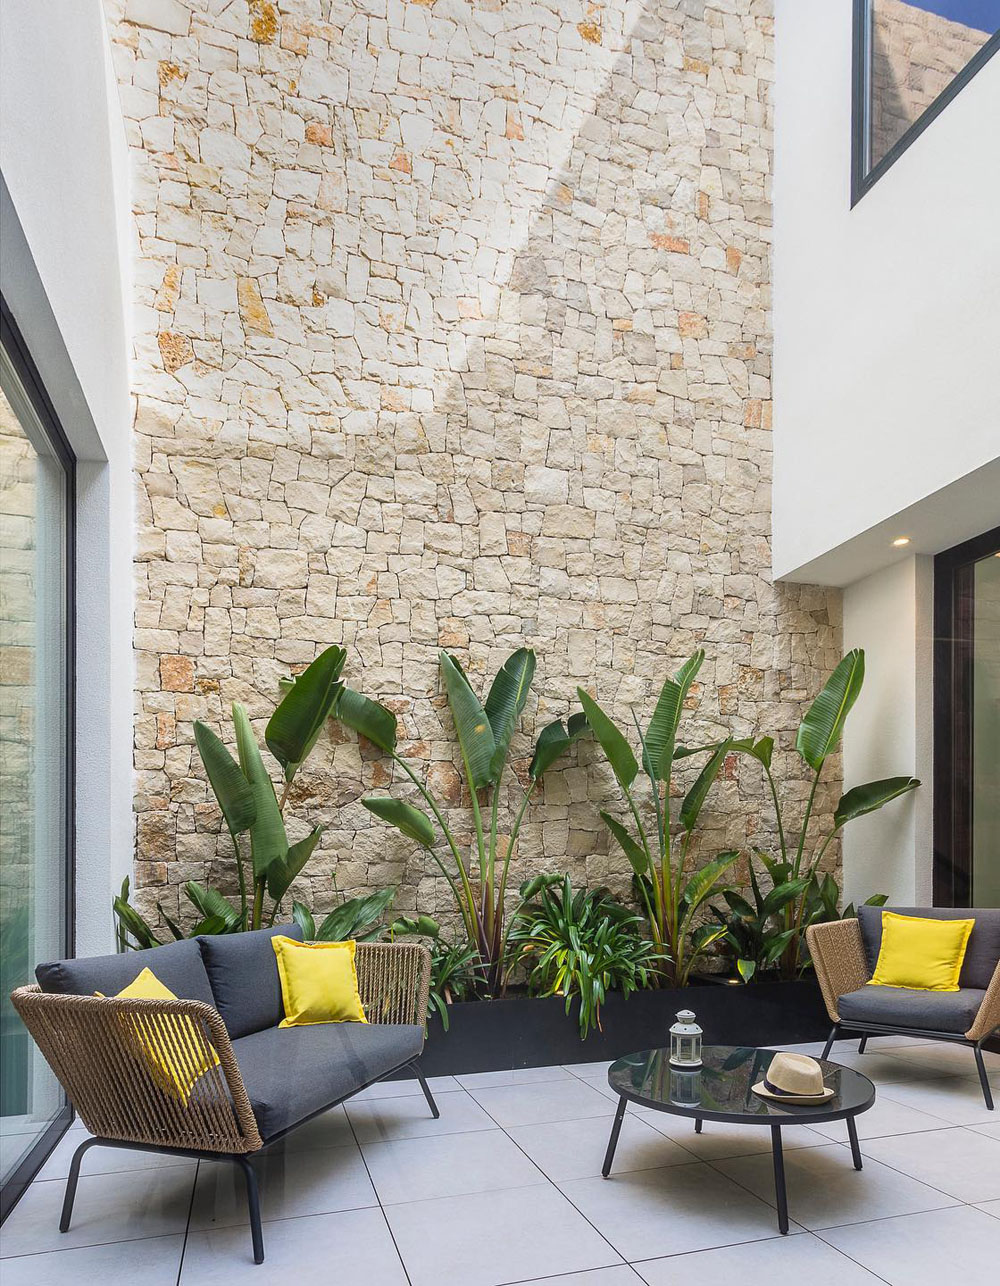 Inspiring Cozy Courtyard Patio Ideas for Urban Homes ... on Courtyard Patio Ideas id=91599